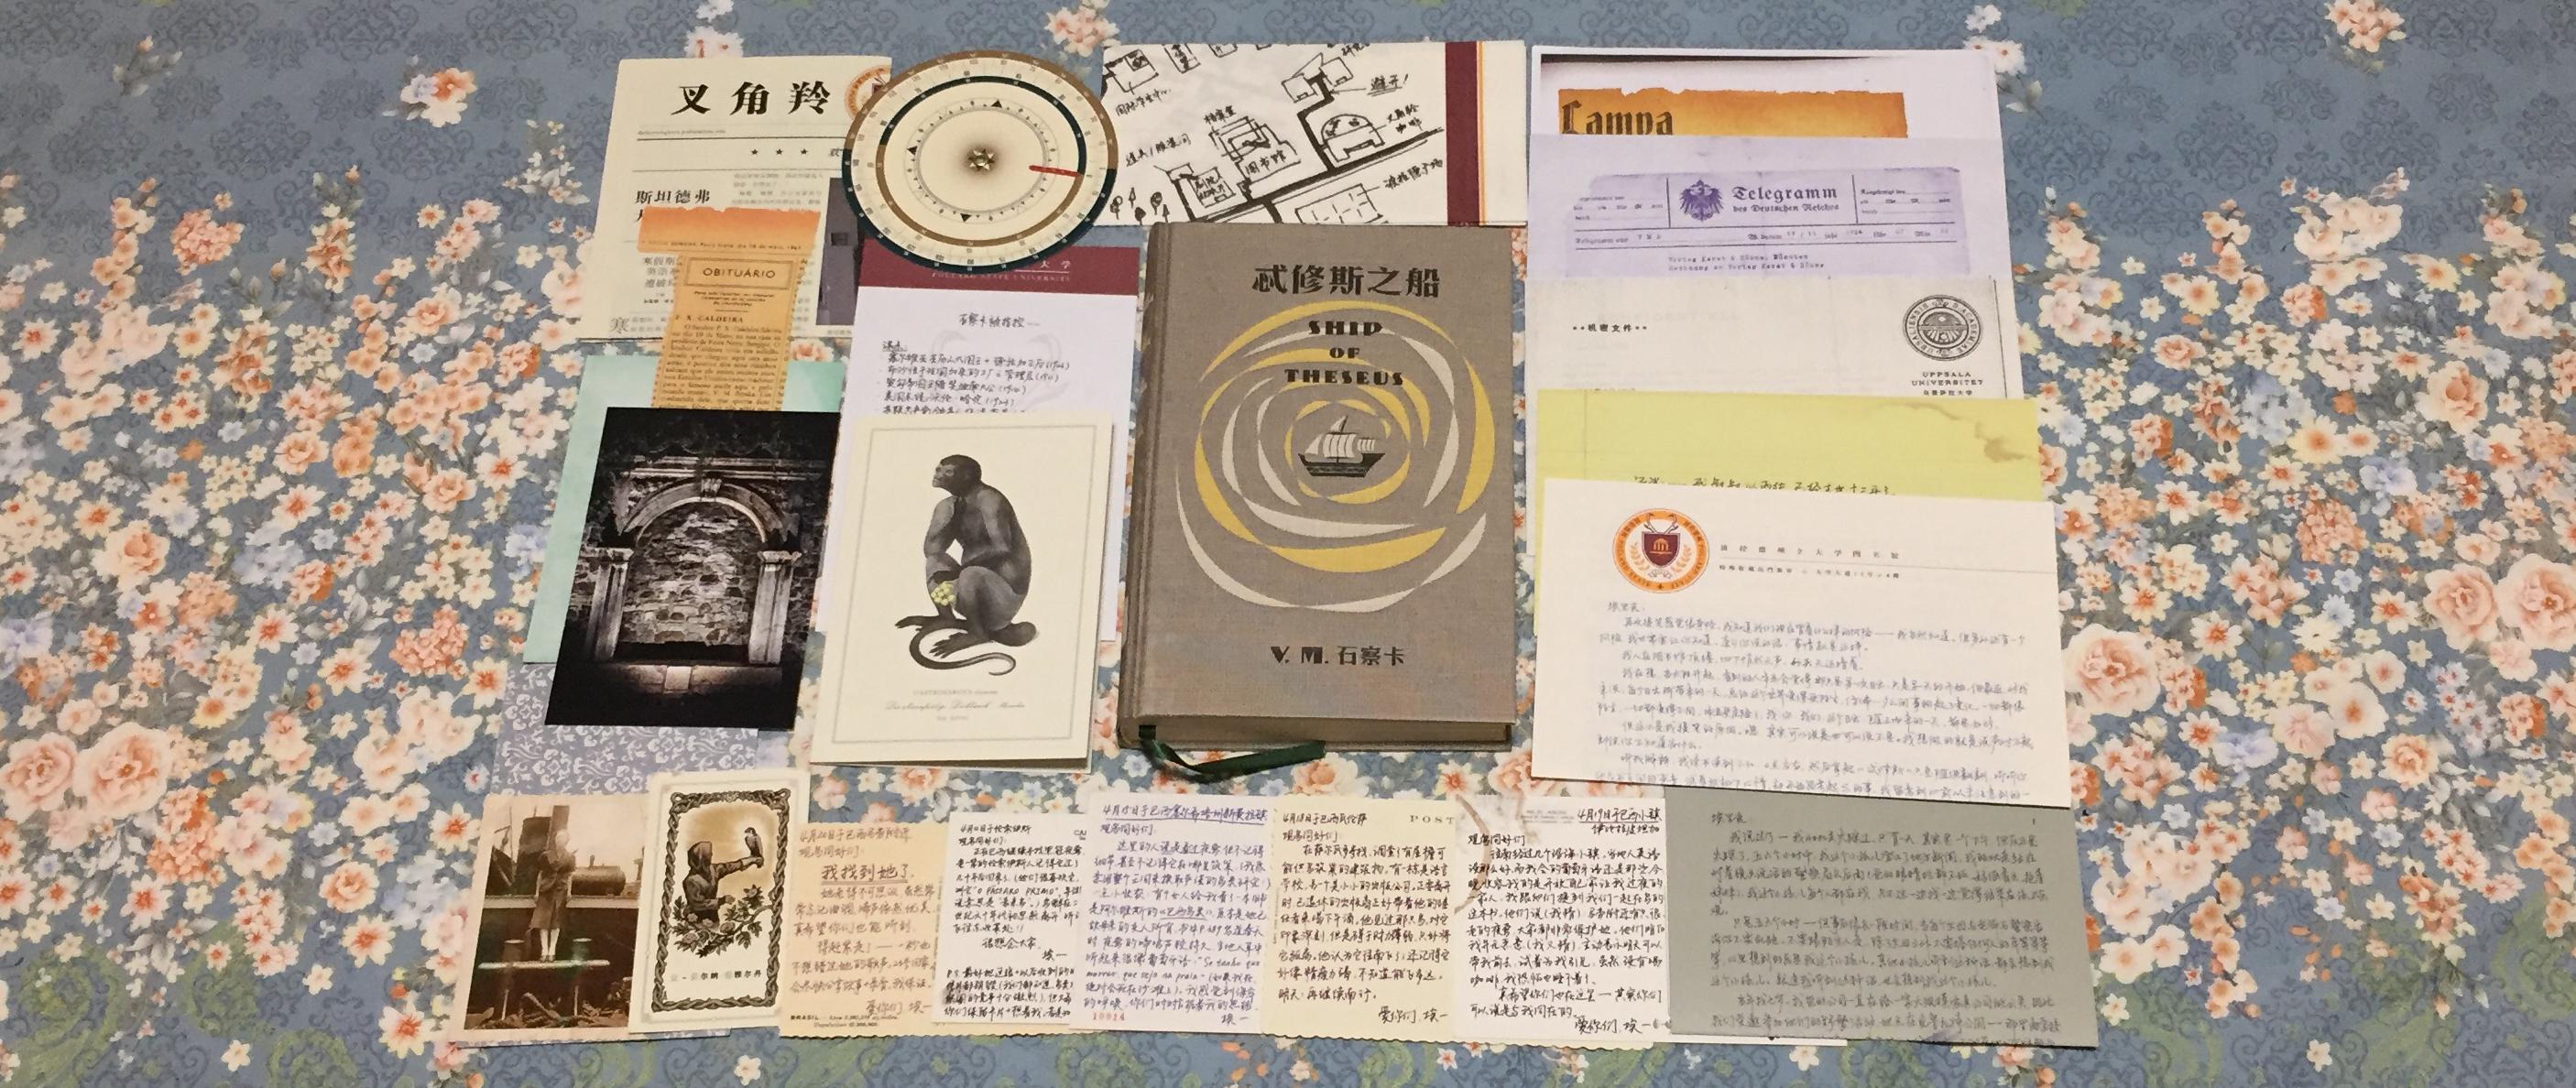 一本神奇的烧脑书:《S.忒修斯之船》简体中文复刻版开箱晒单